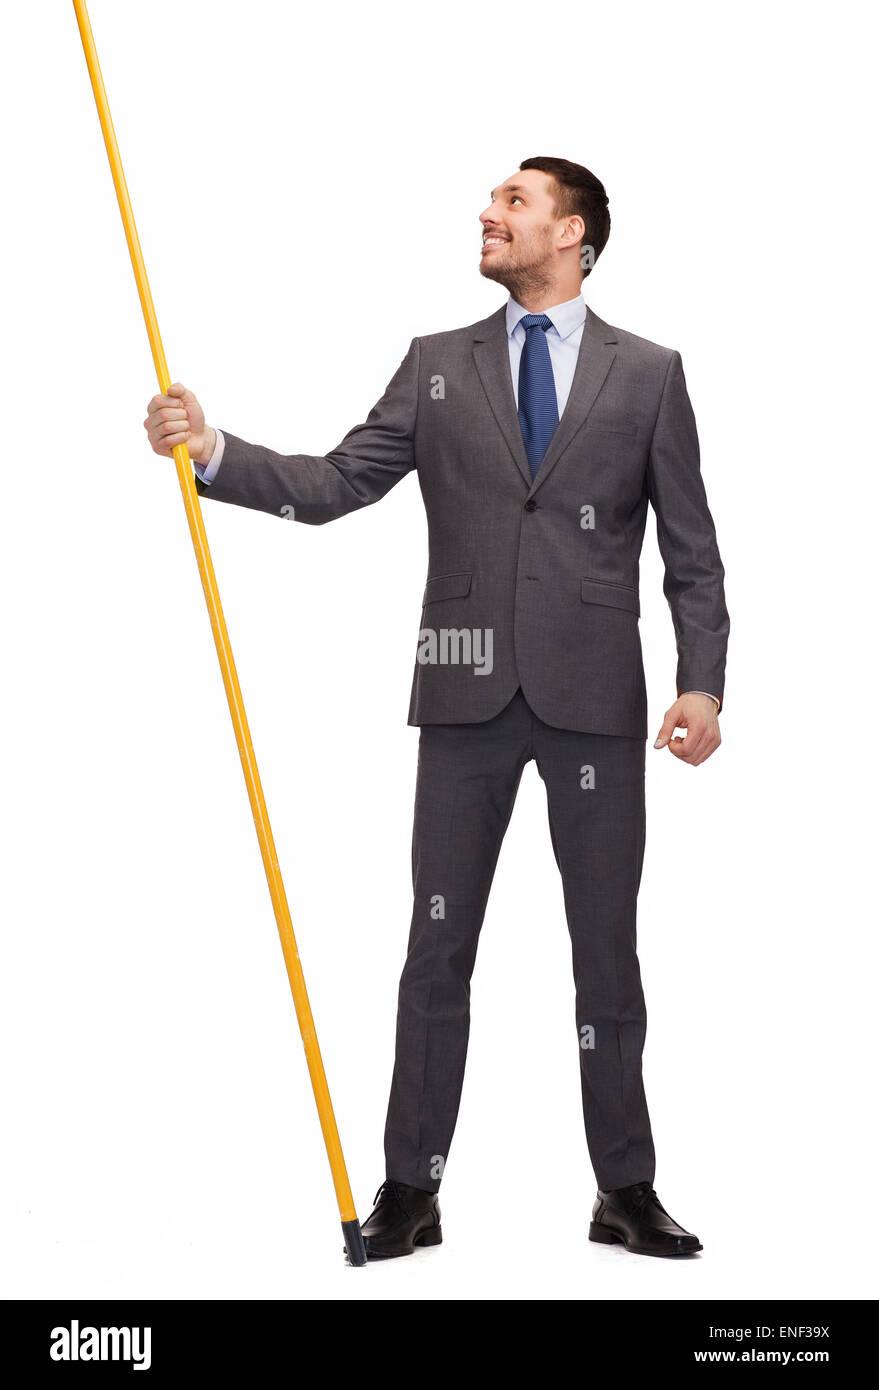 smiling man holding flagpole with imaginary flag - Stock Image